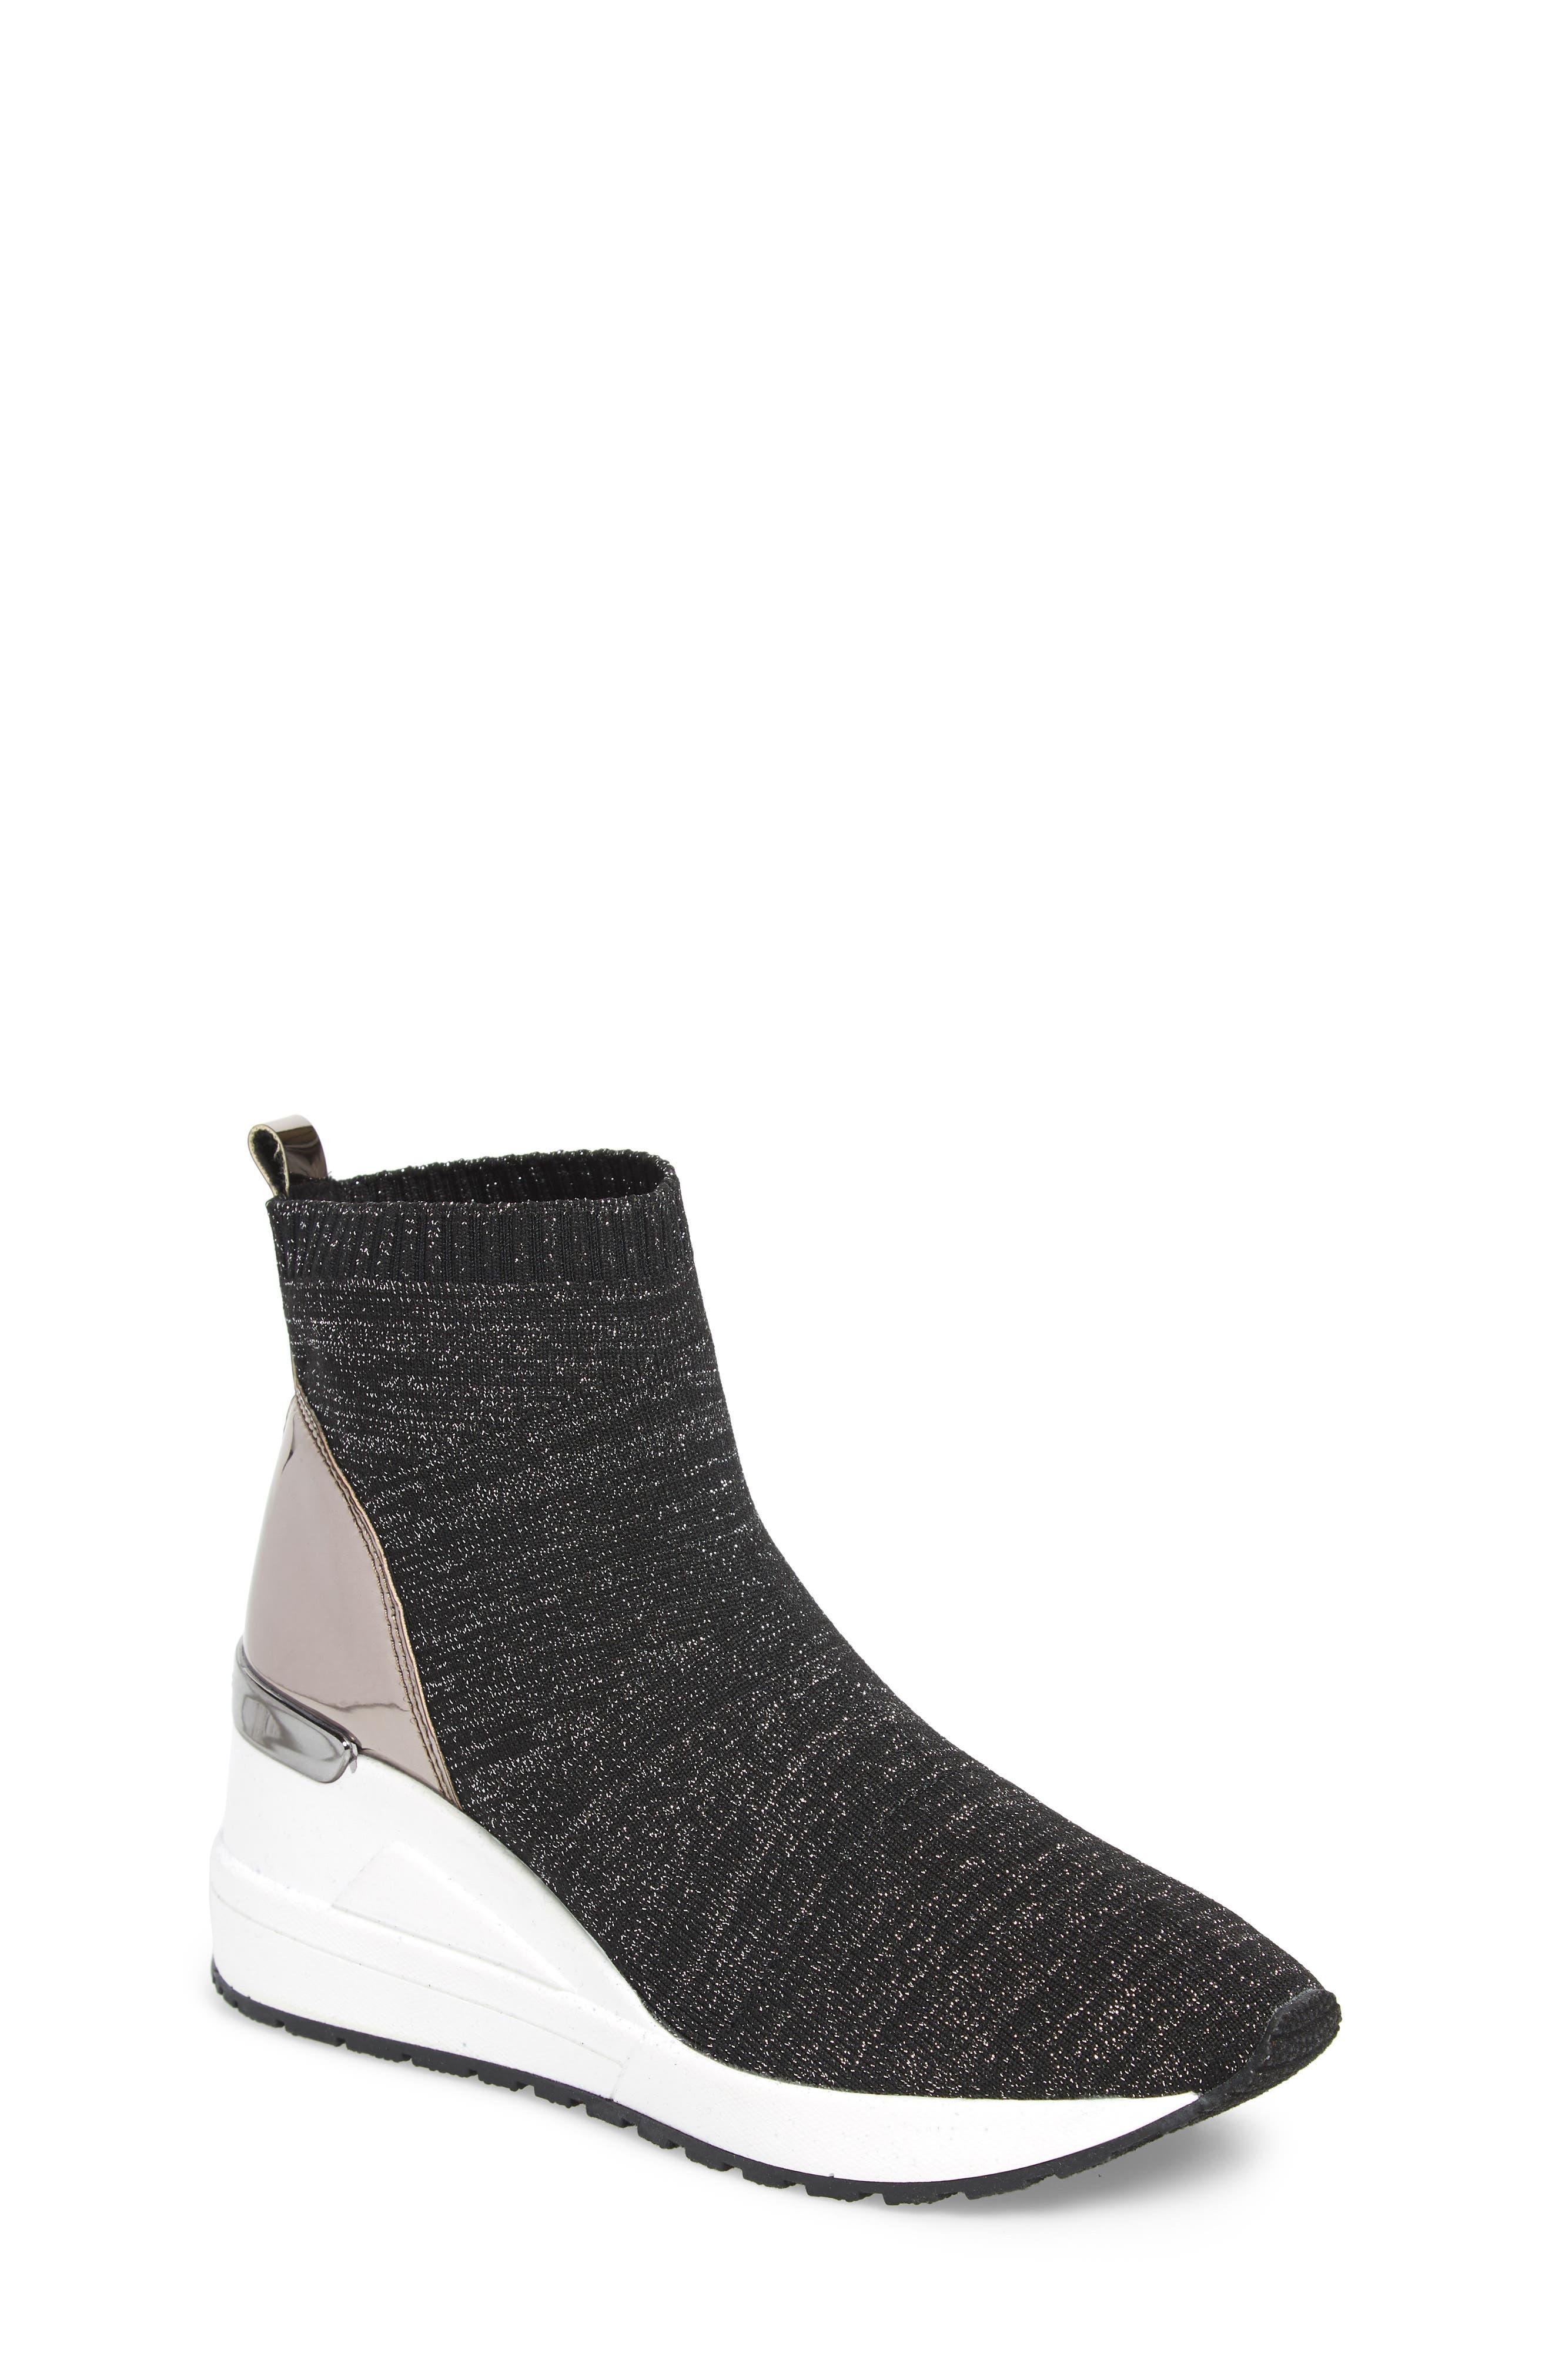 Neo Flex Metallic Wedge Sneaker,                         Main,                         color, BLACK METALLIC